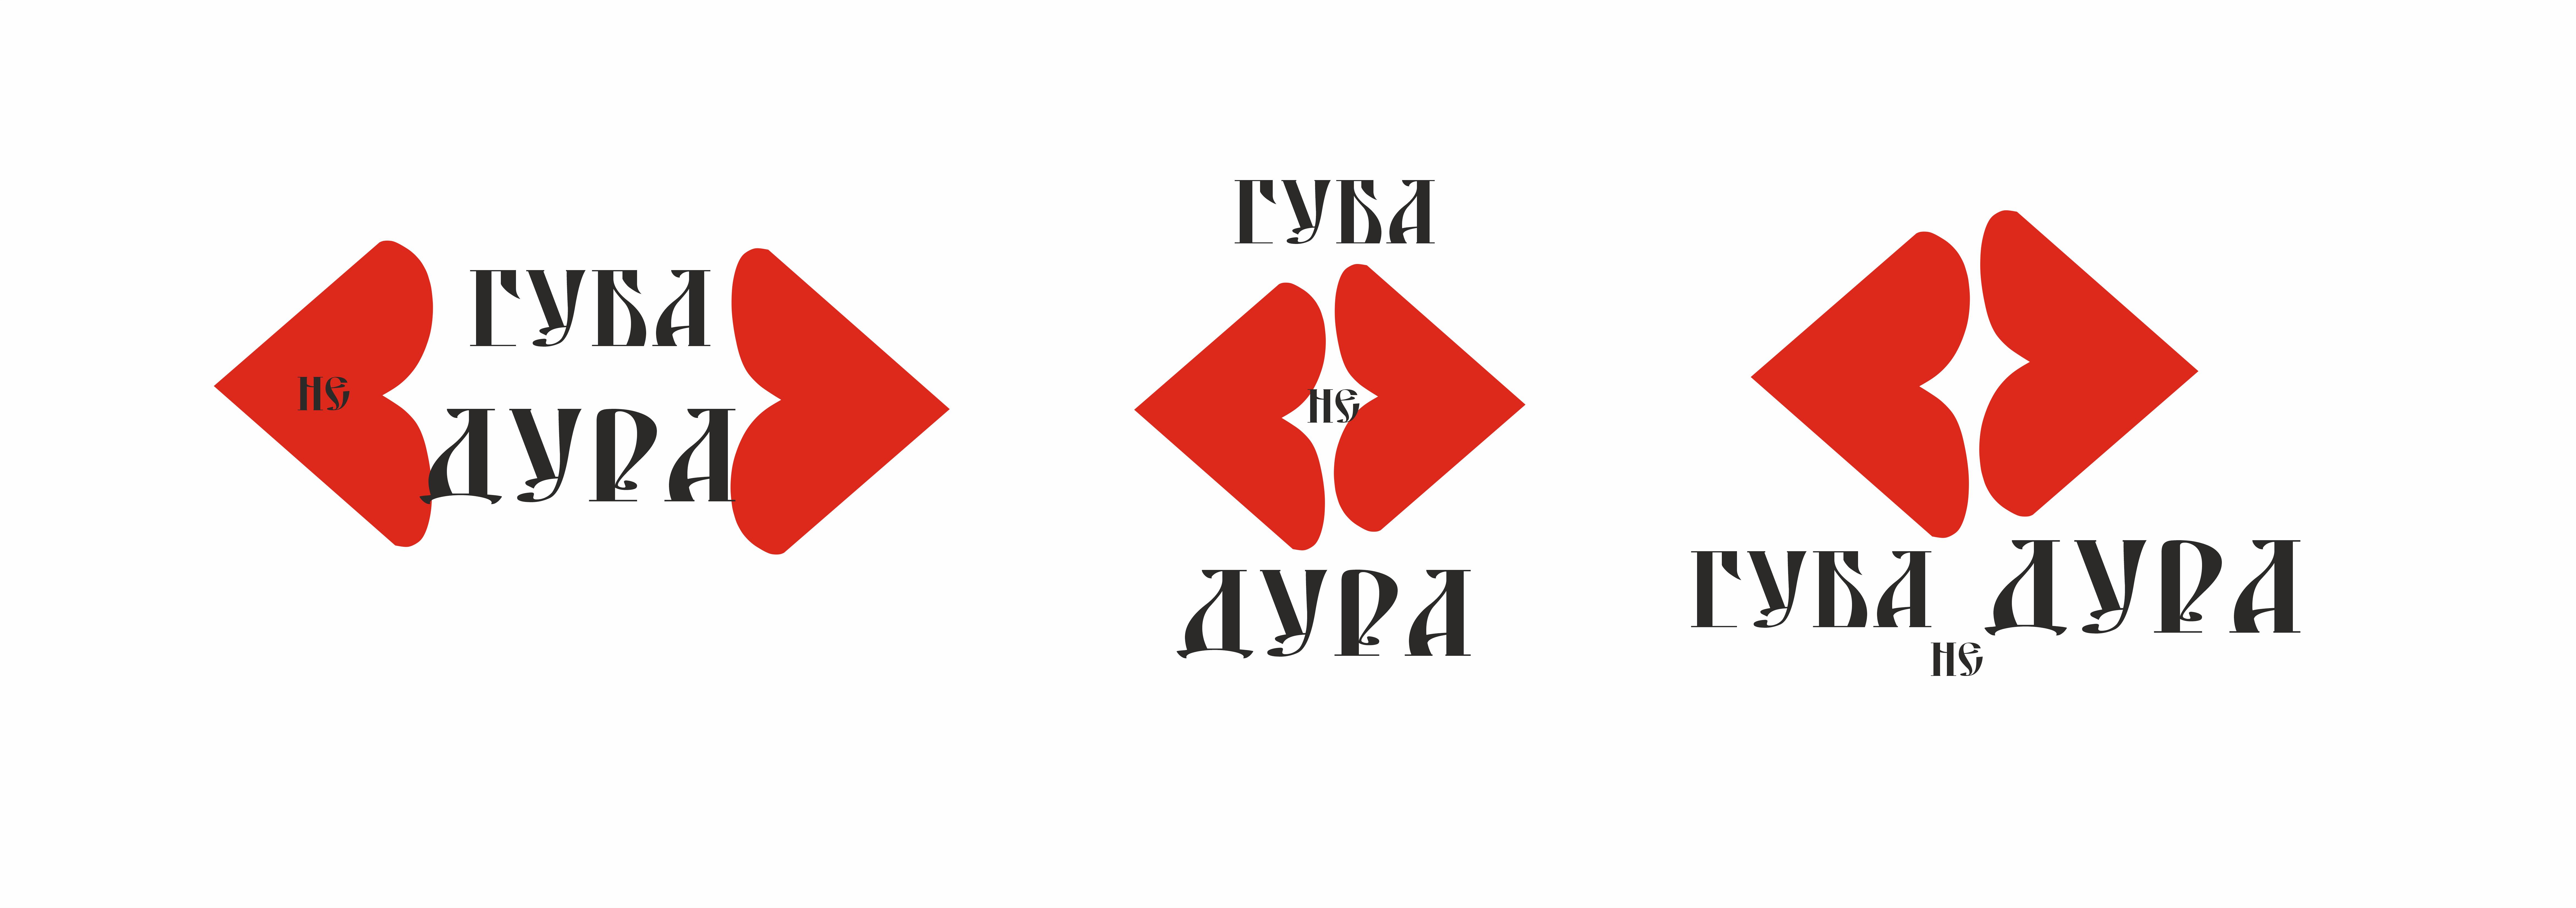 Улучшить и так хороший Товарный Знак фото f_5785ef0722cd4cd3.png